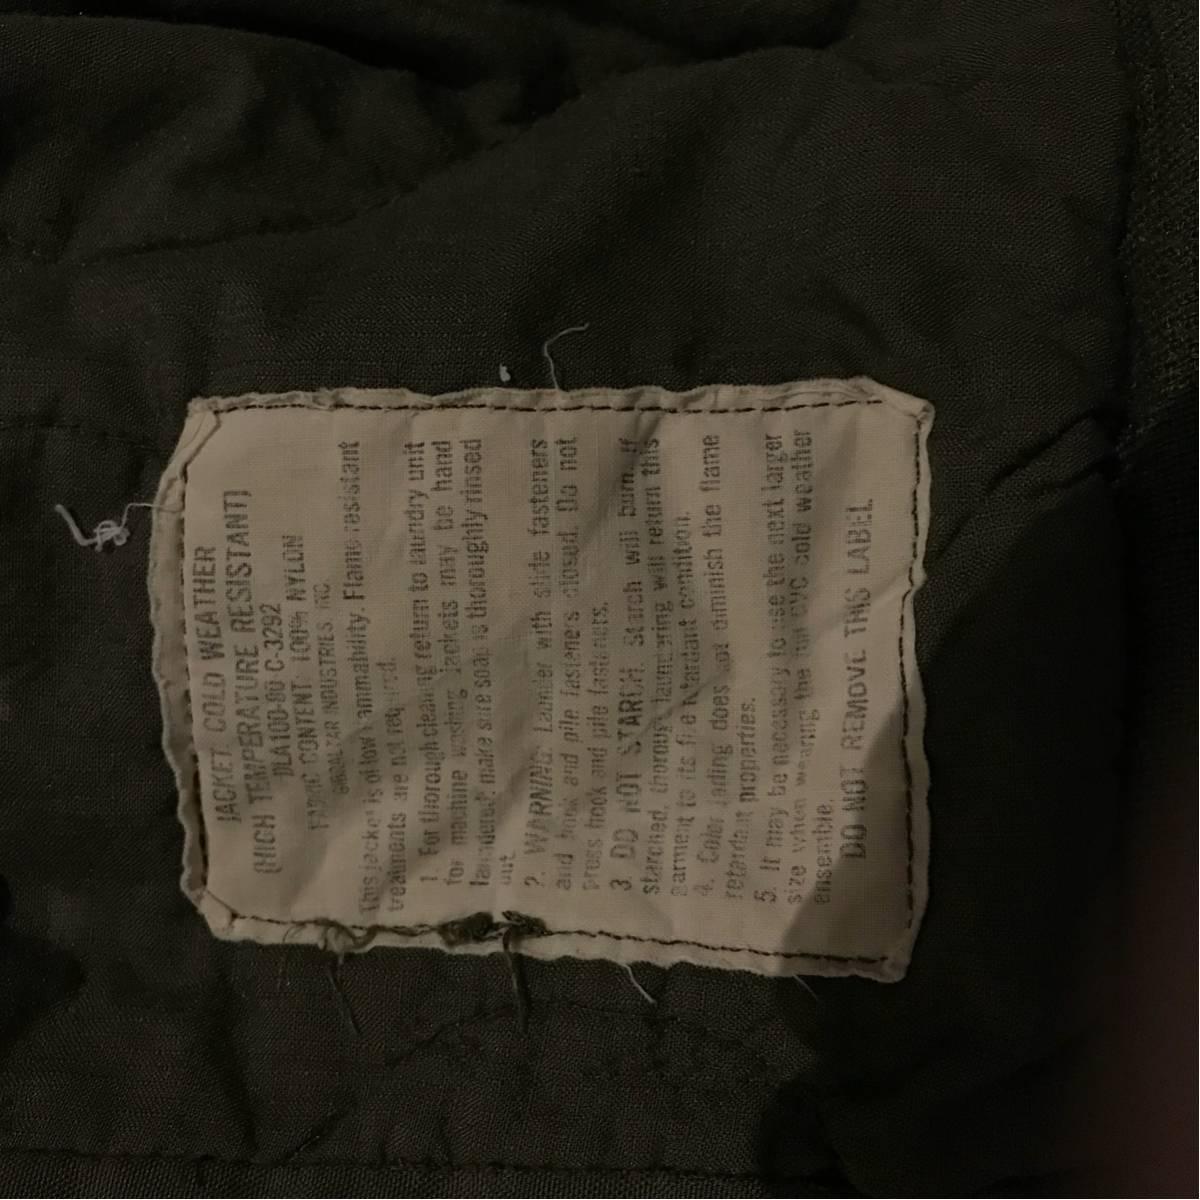 米軍実物 CVCジャケット タンカース カスタム M レギュラー コールドウェザー_画像2